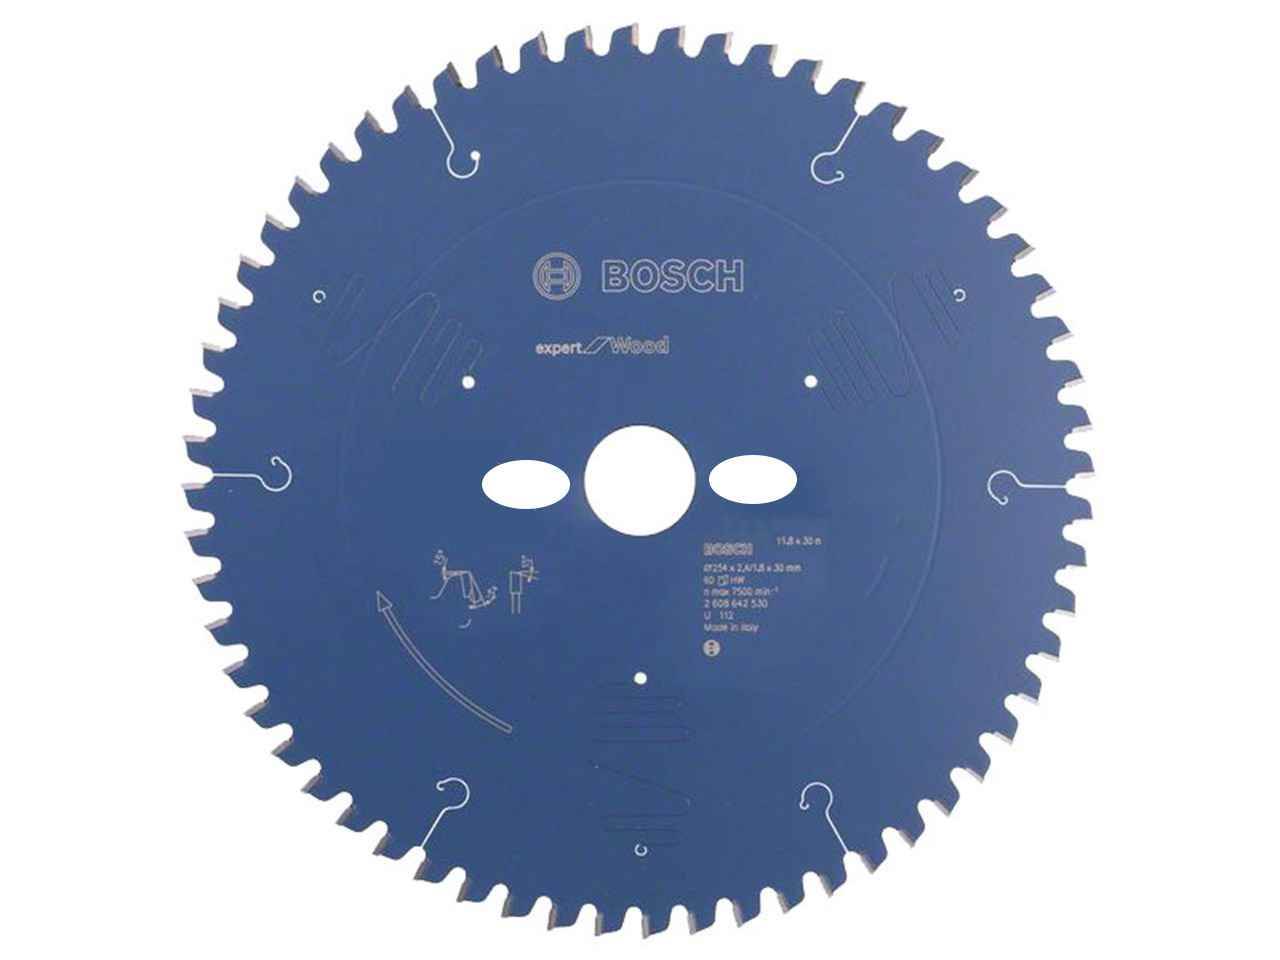 Bosch1_2608642530.jpg